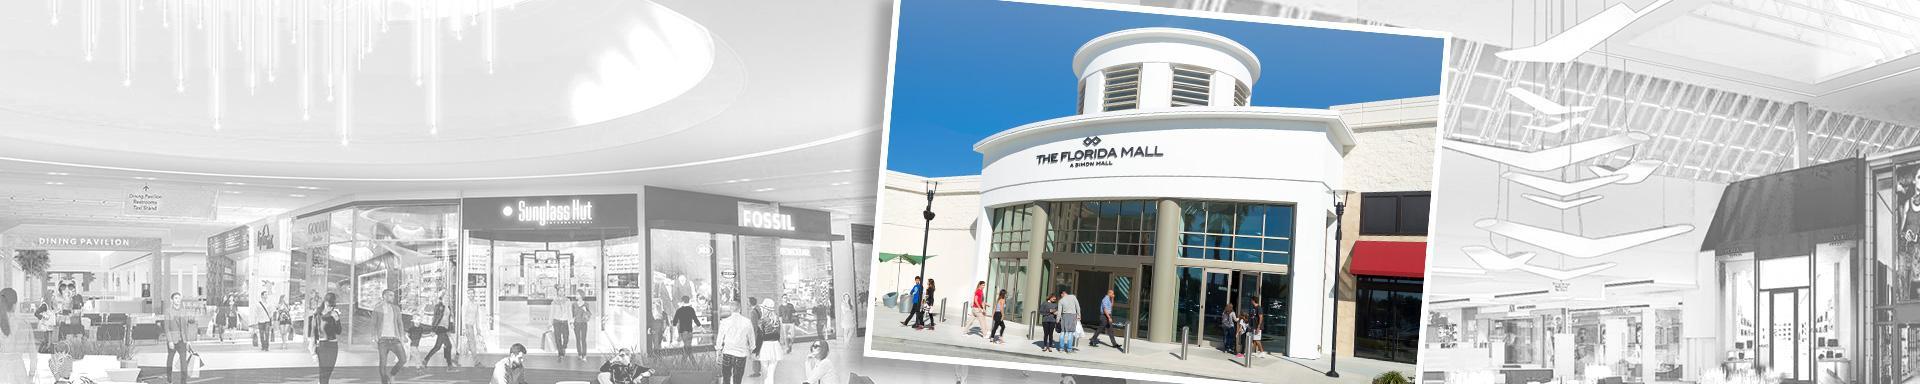 Brinde cartão desconto Florida Mall